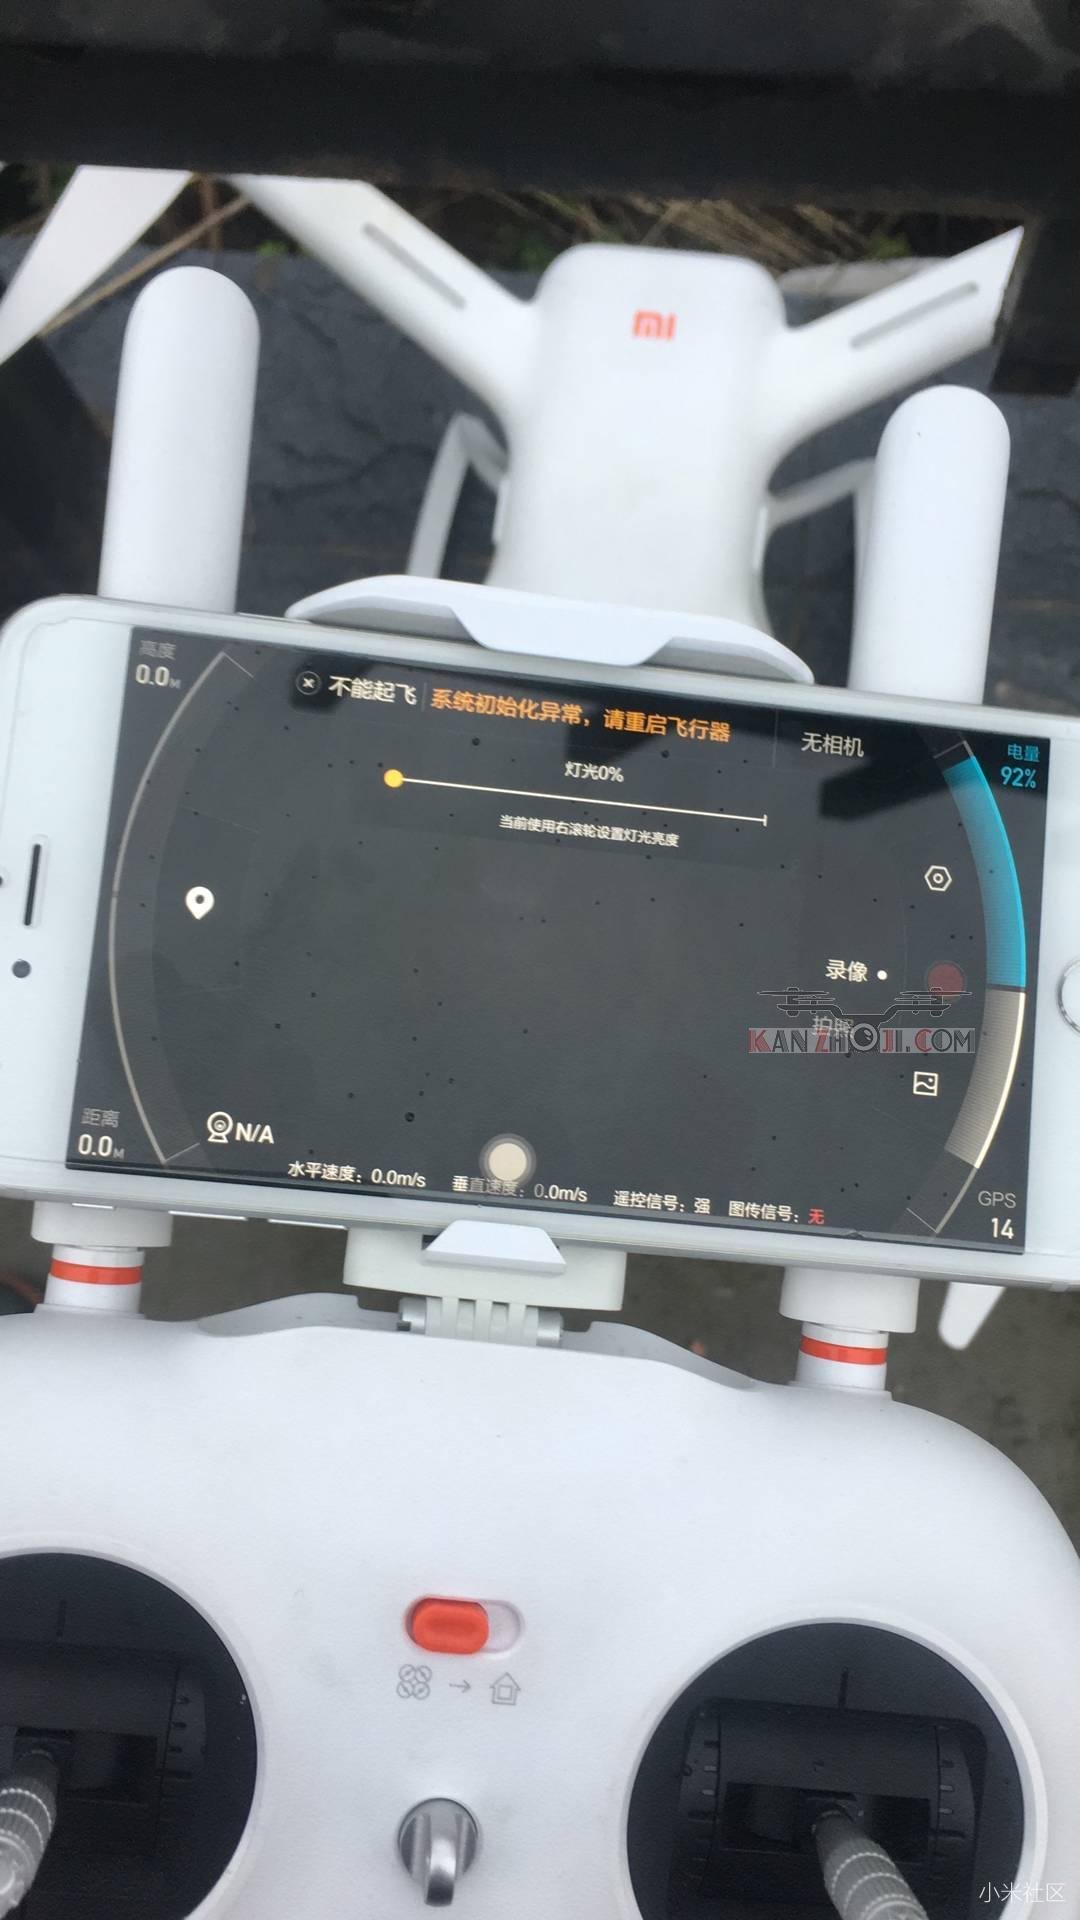 小米1080P无人机,系统初始化异常,请重启飞行器